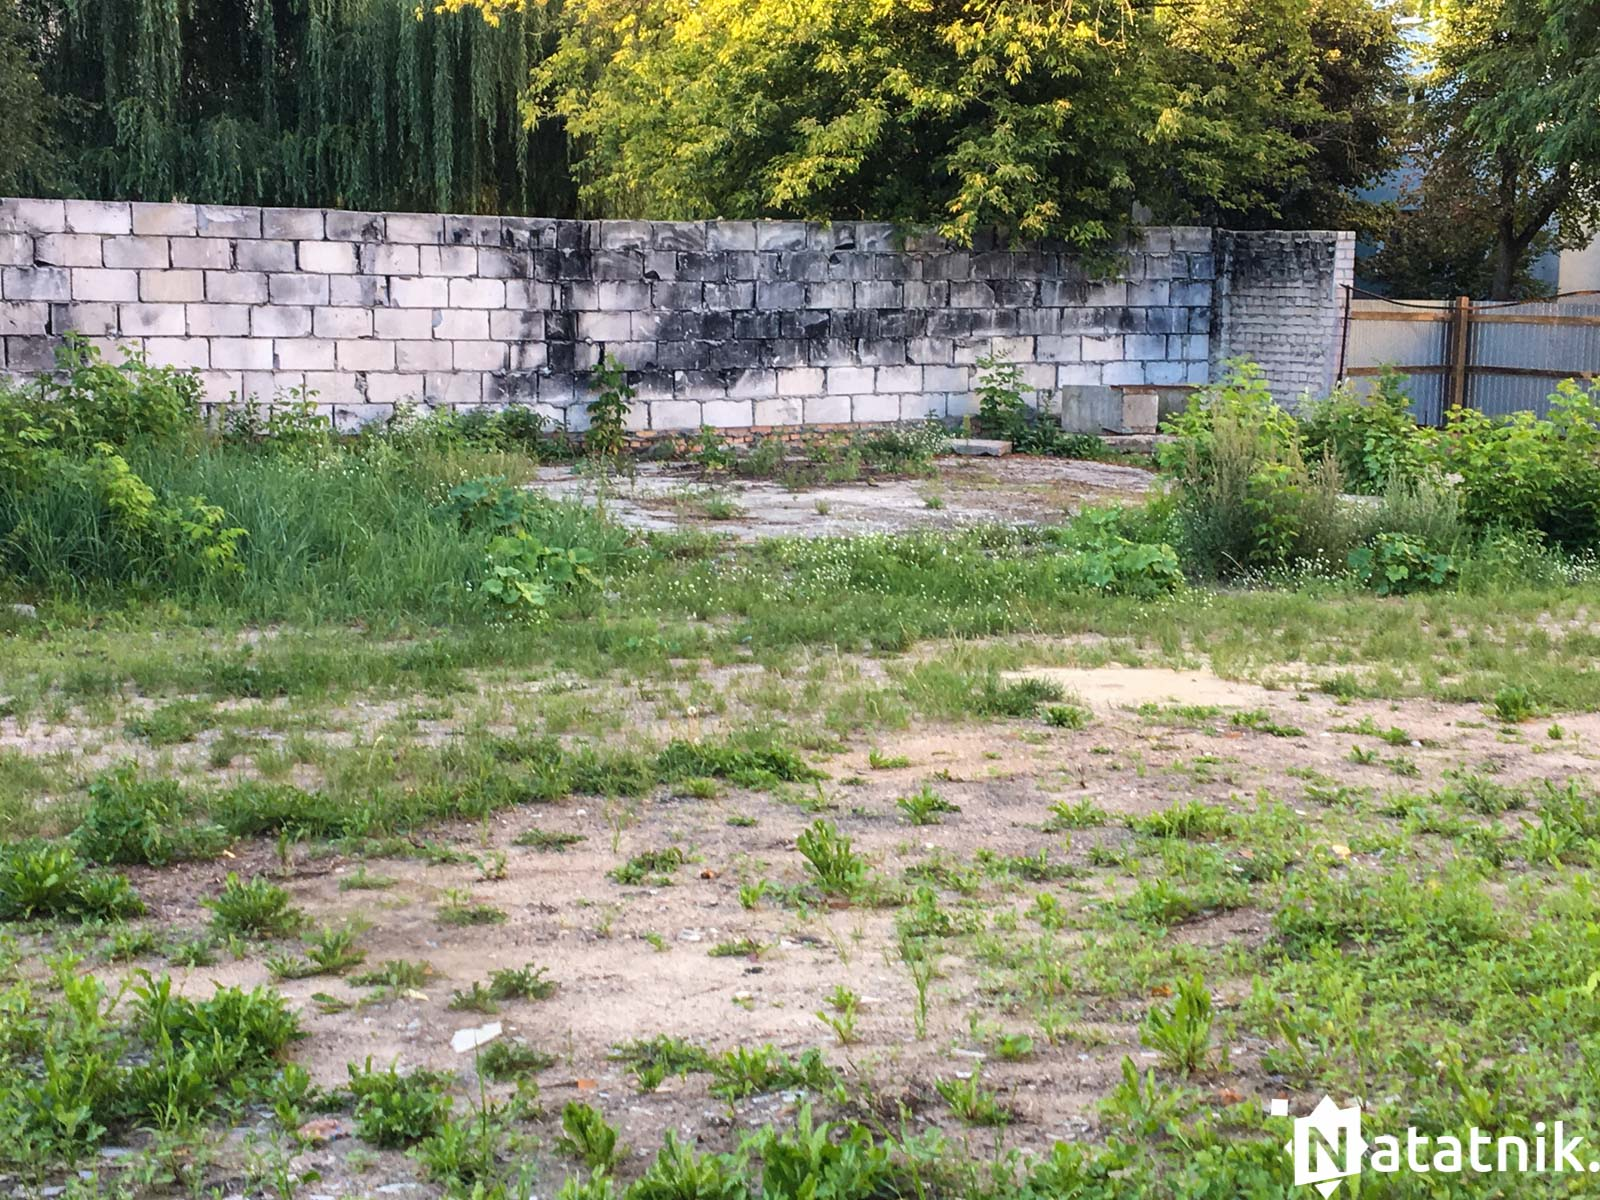 Предполагаемое место расстрела евреев в Бресте